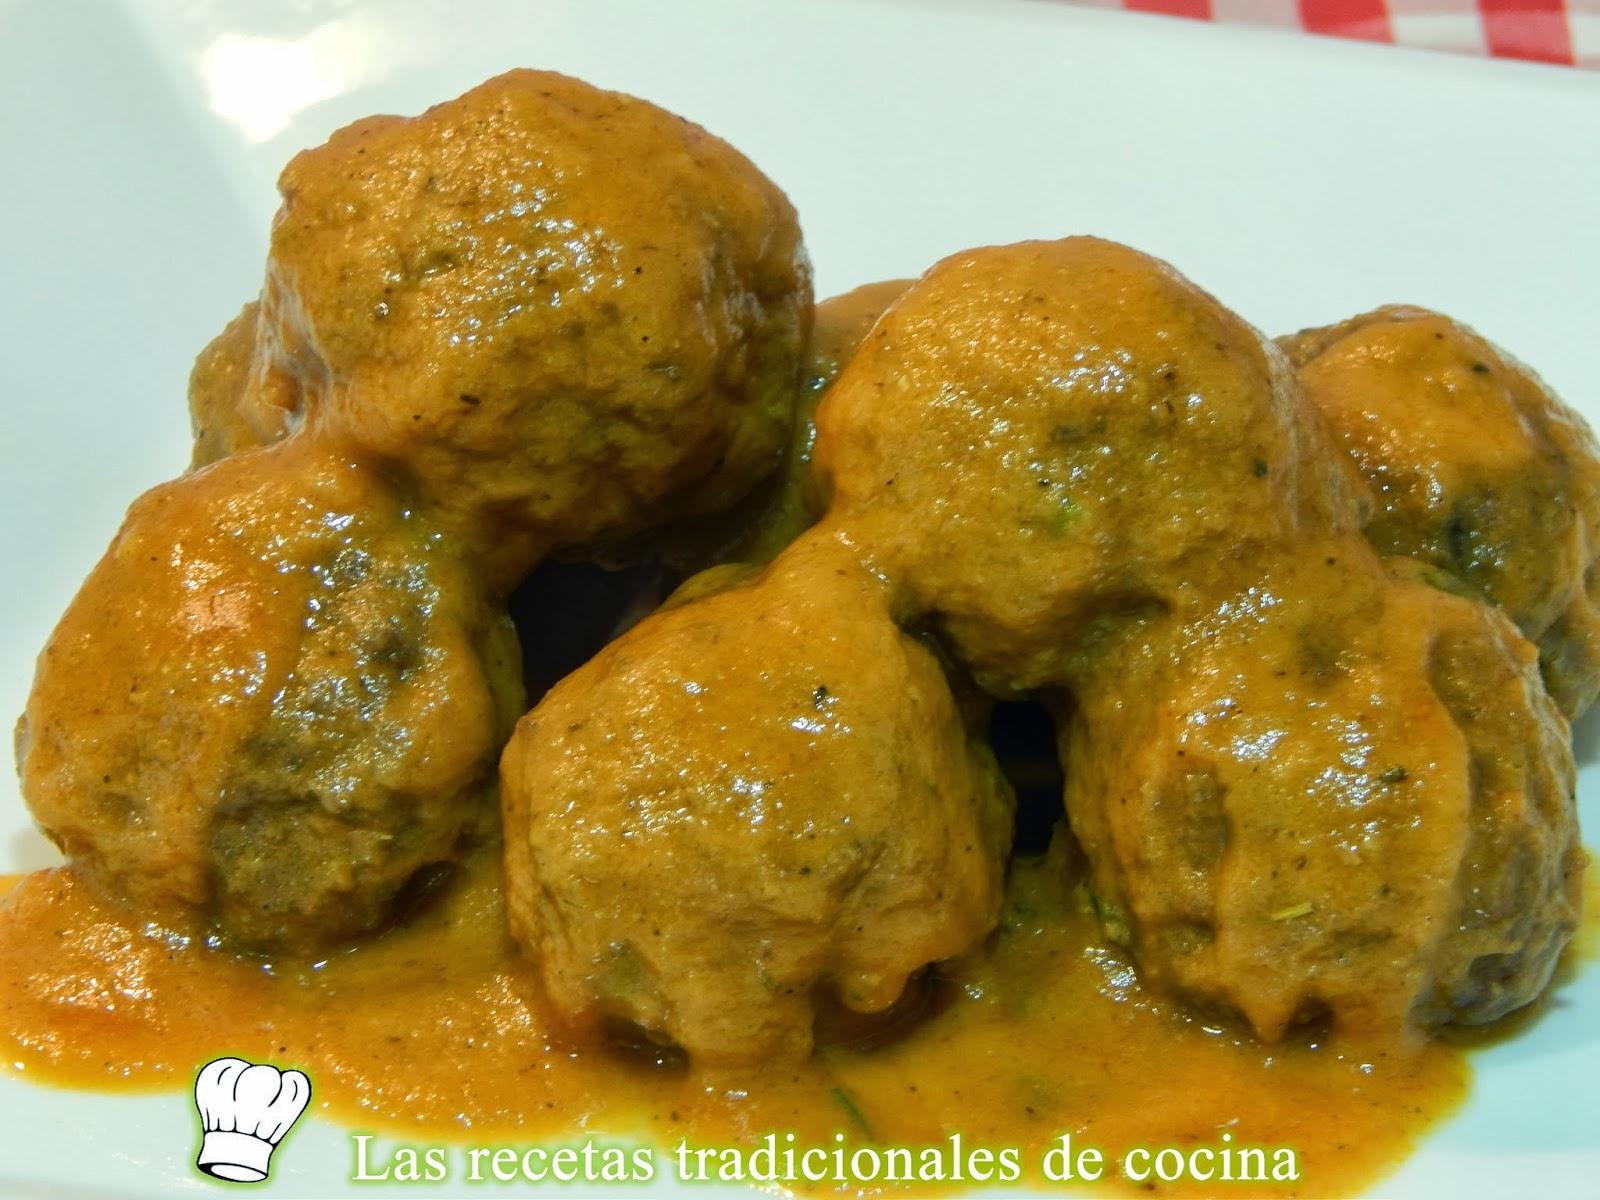 Receta simple de alb ndigas en salsa - Albondigas tradicionales ...